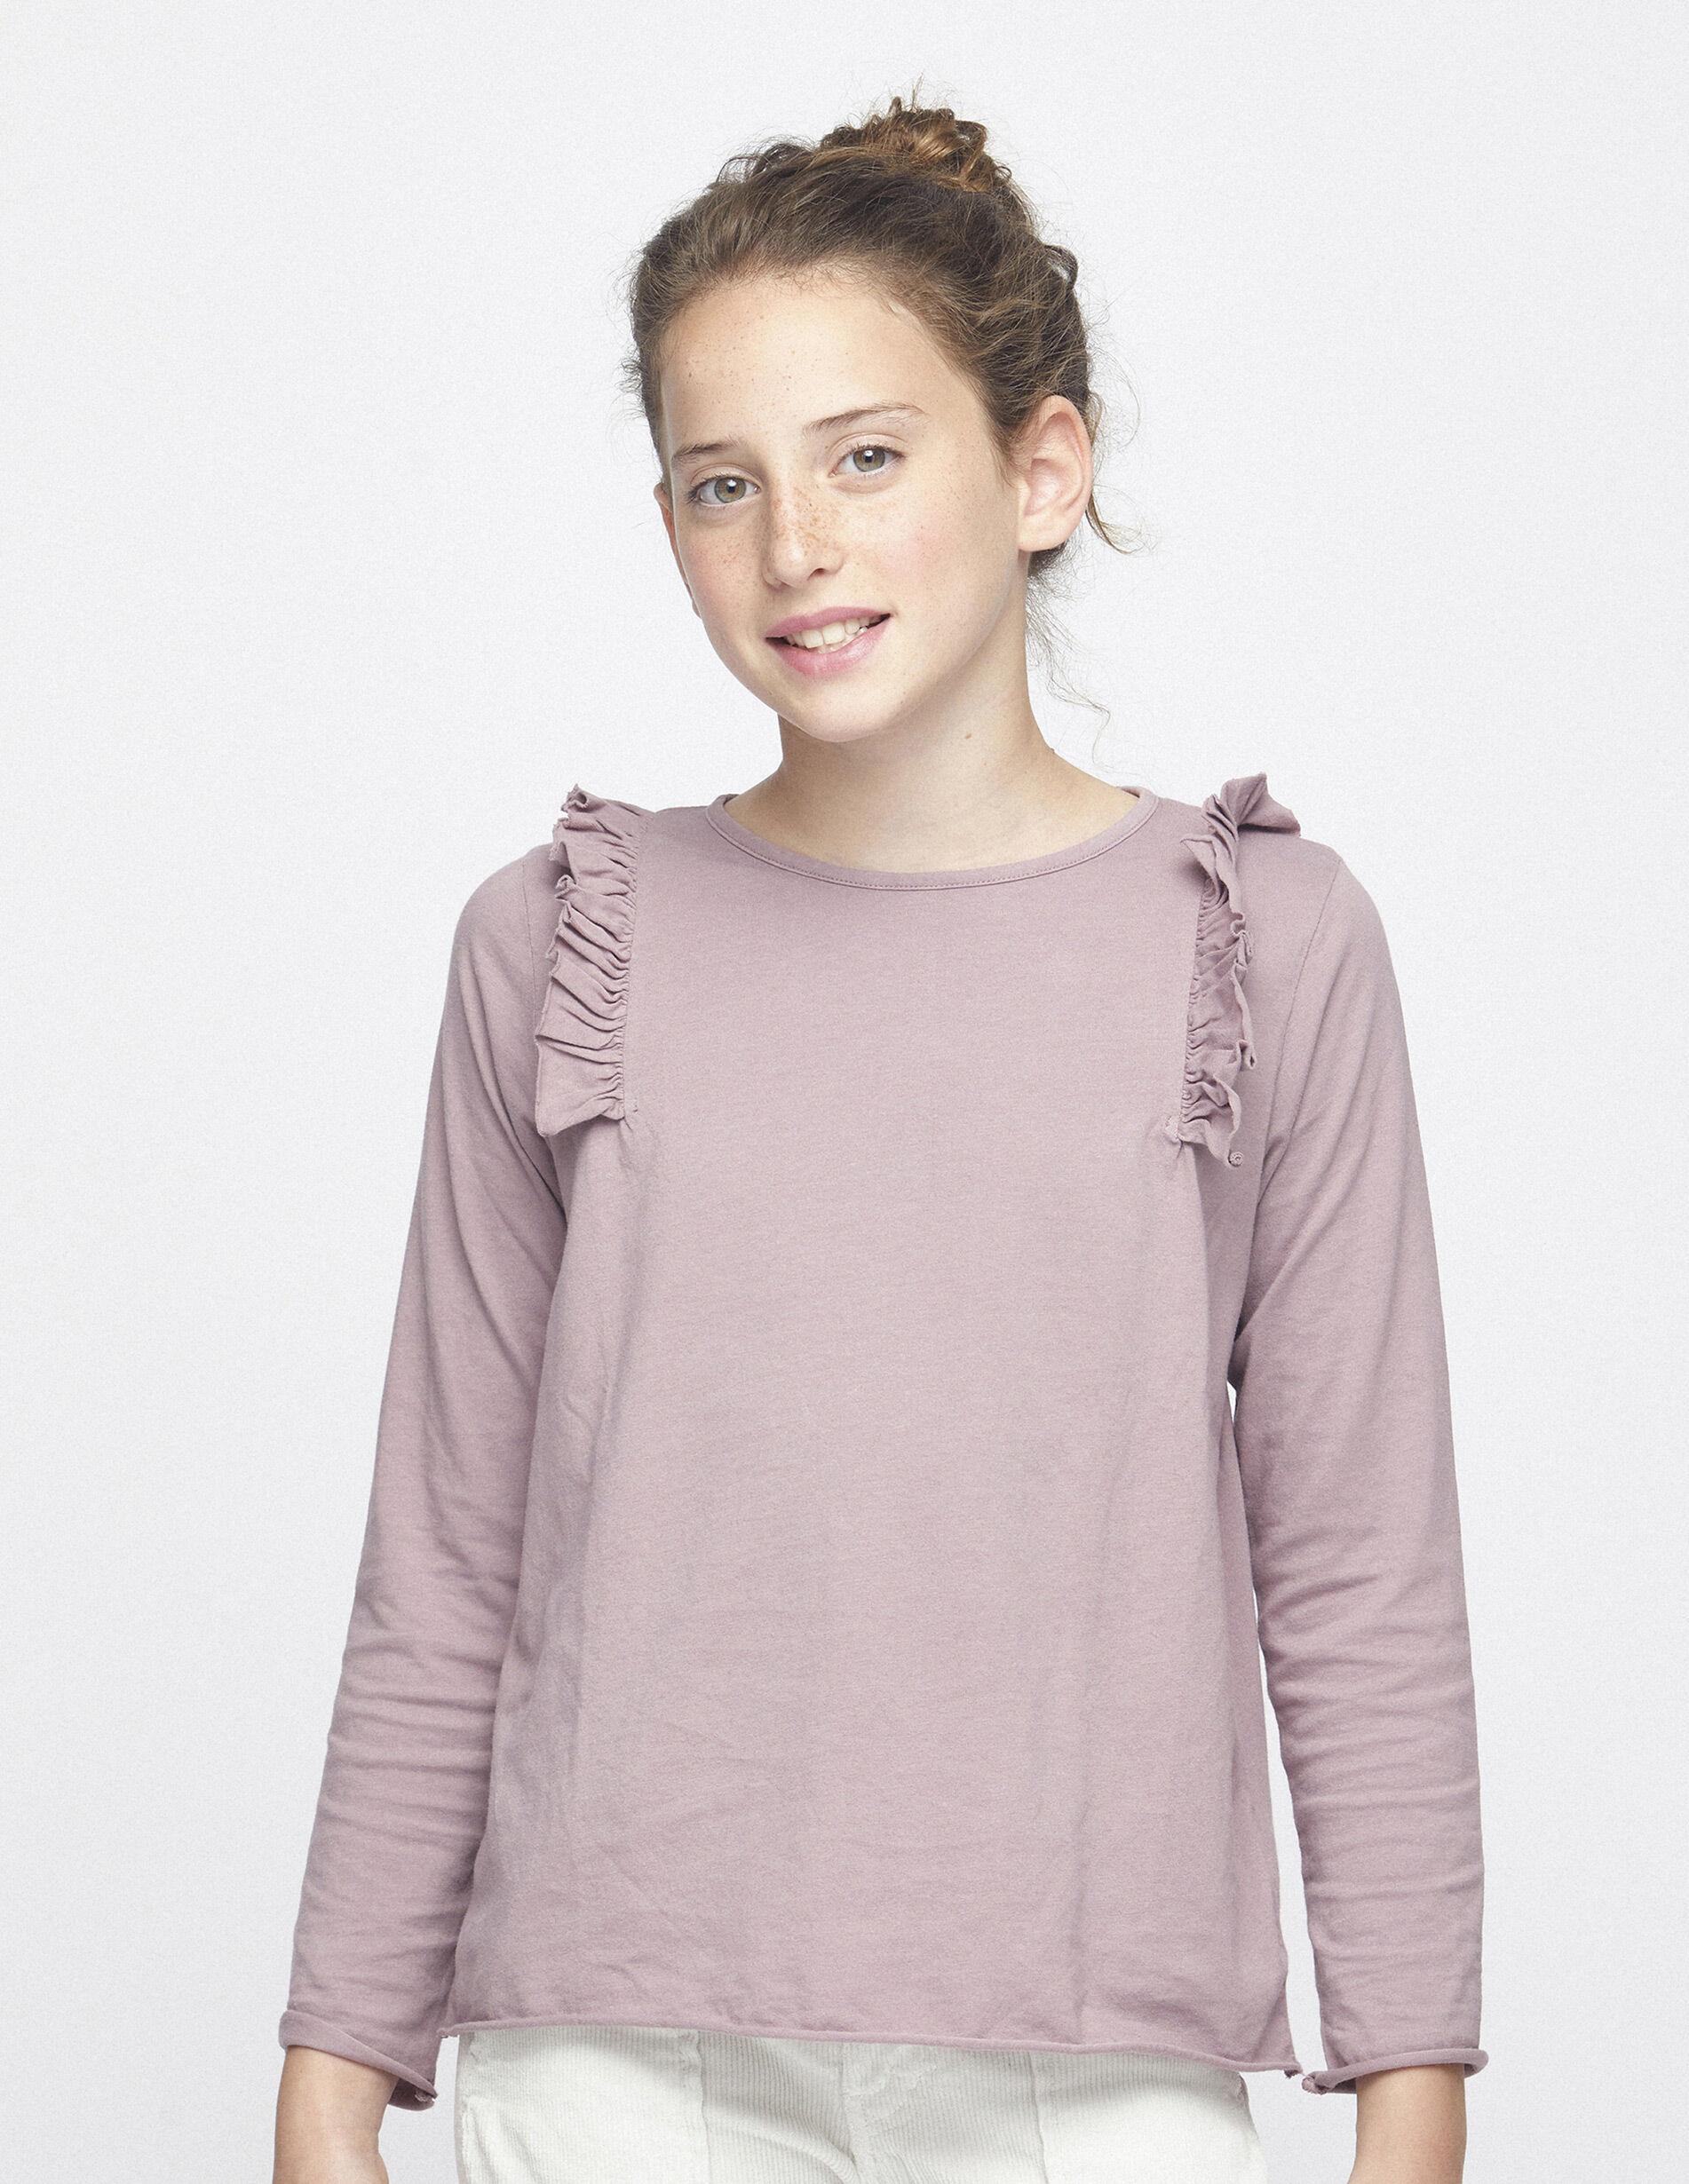 OnlineNícoli Para Camisetas Comprar Camisetas Para Para OnlineNícoli Niñas Camisetas Comprar Niñas lOPXiZwkTu